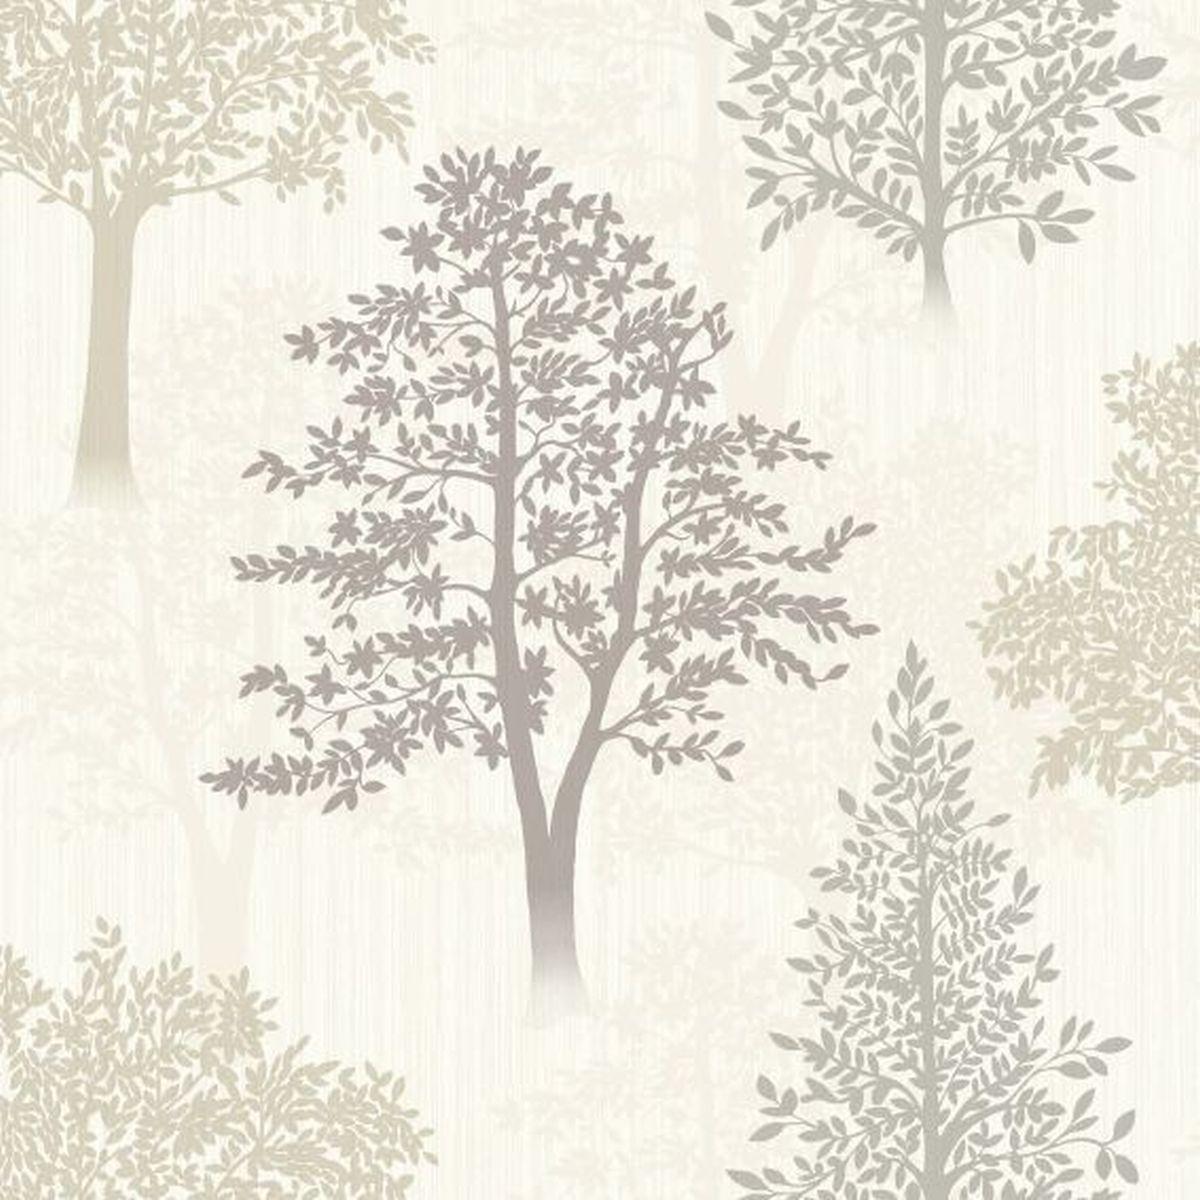 Best of Arthouse Vliestapete Ausgesuchte Designs 259002 Cremefarben Blumentapete